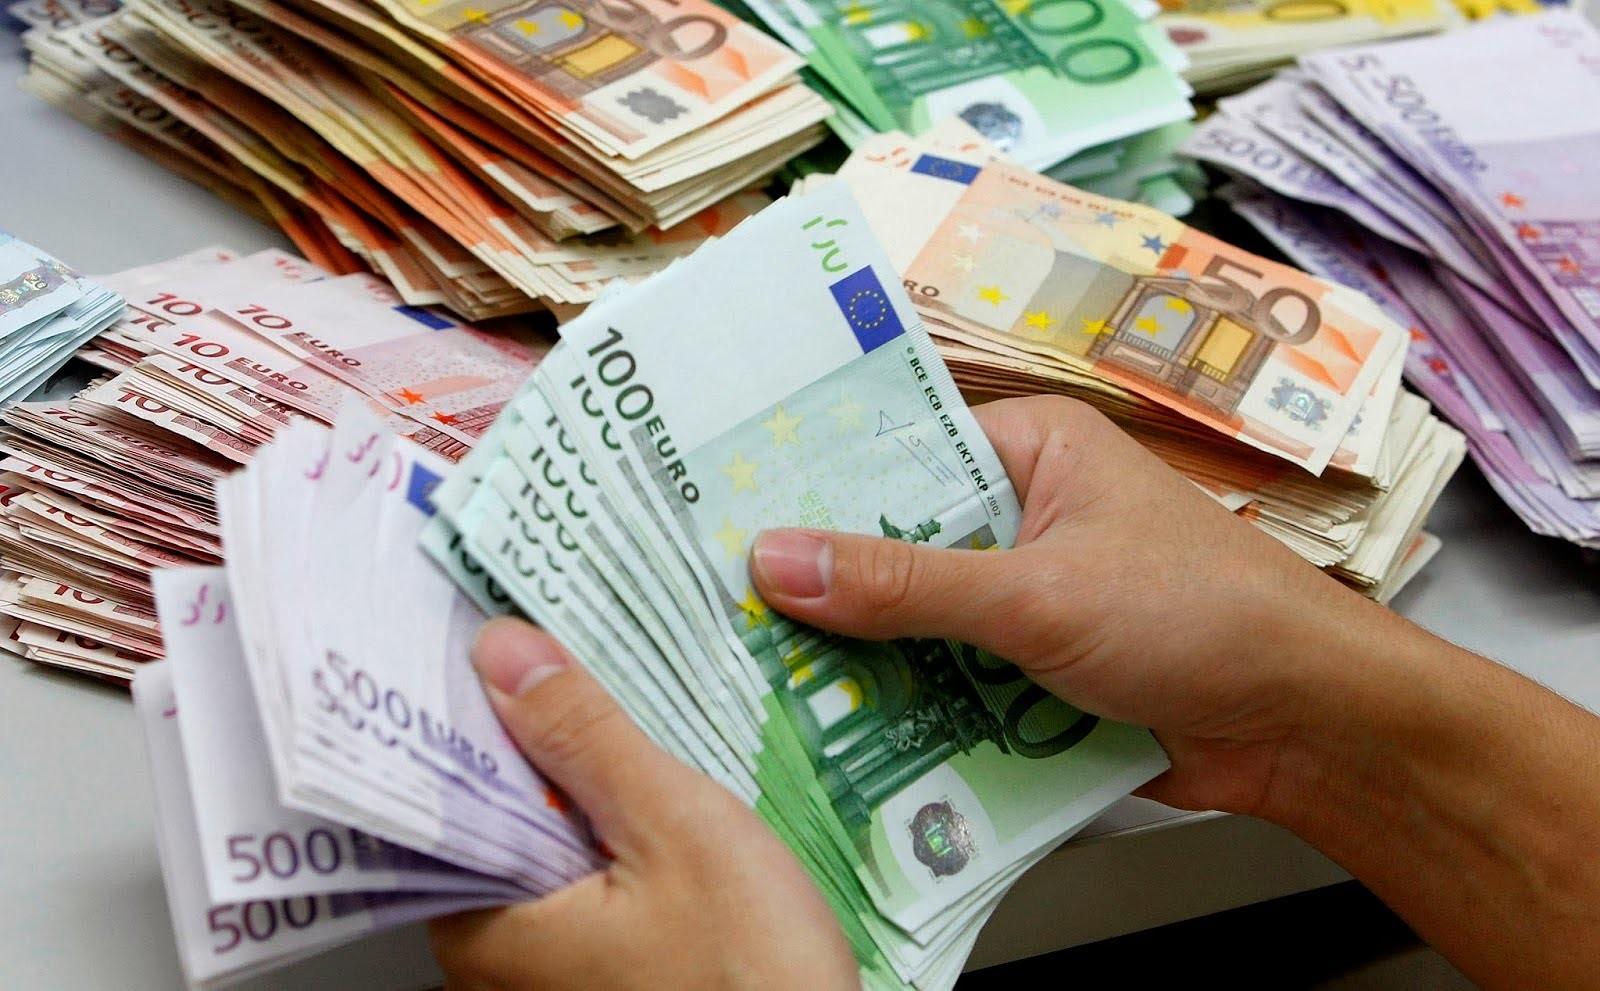 На окончание административно-территориальной реформы из бюджета потребуется не менее 800 тыс. евро